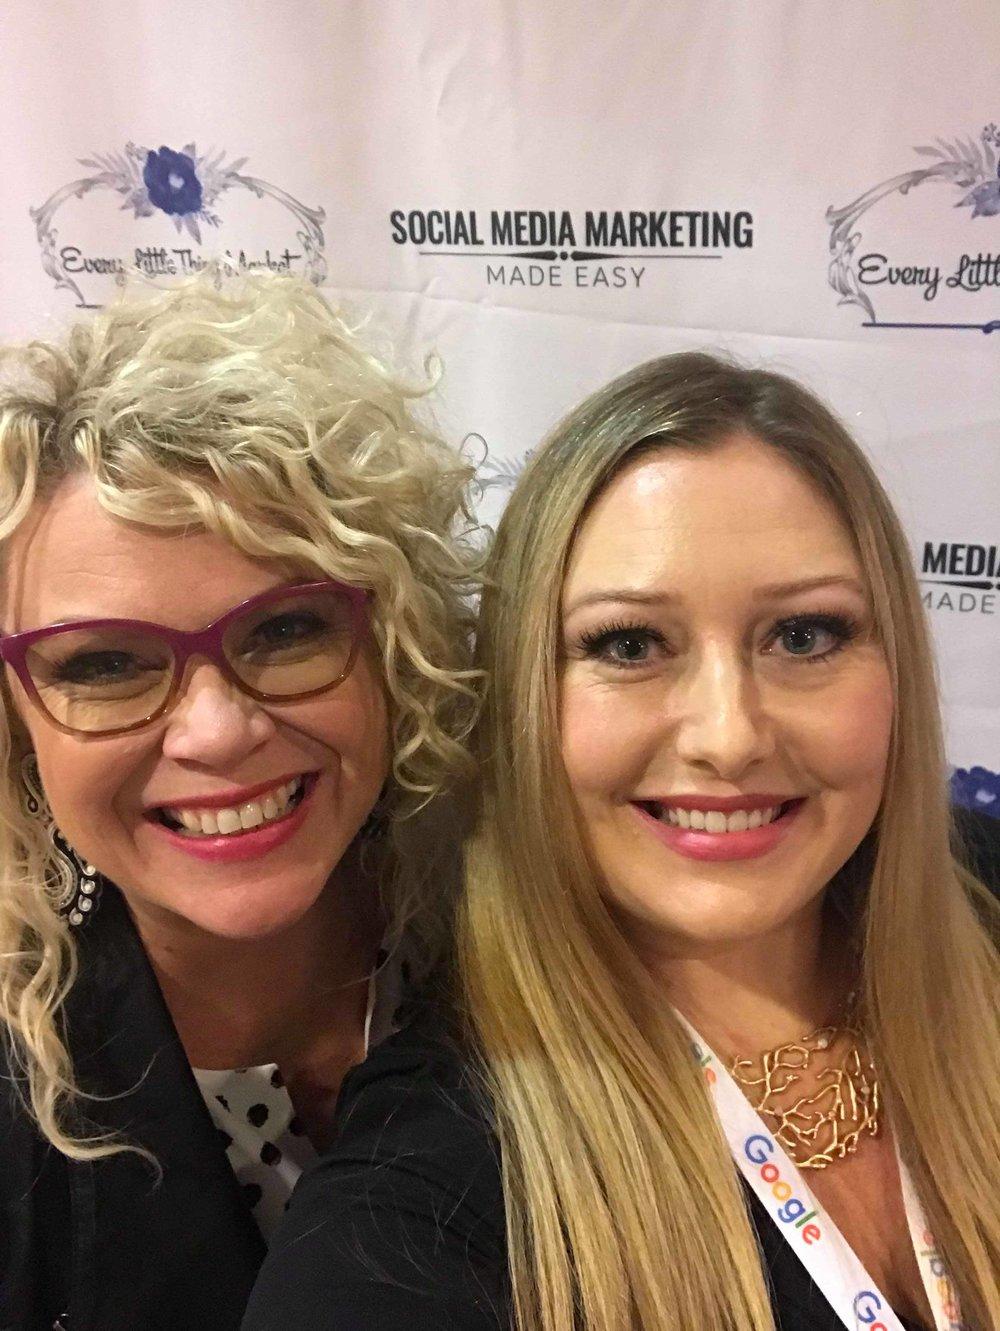 Social Media Marketing Jennifer Allwood.jpg